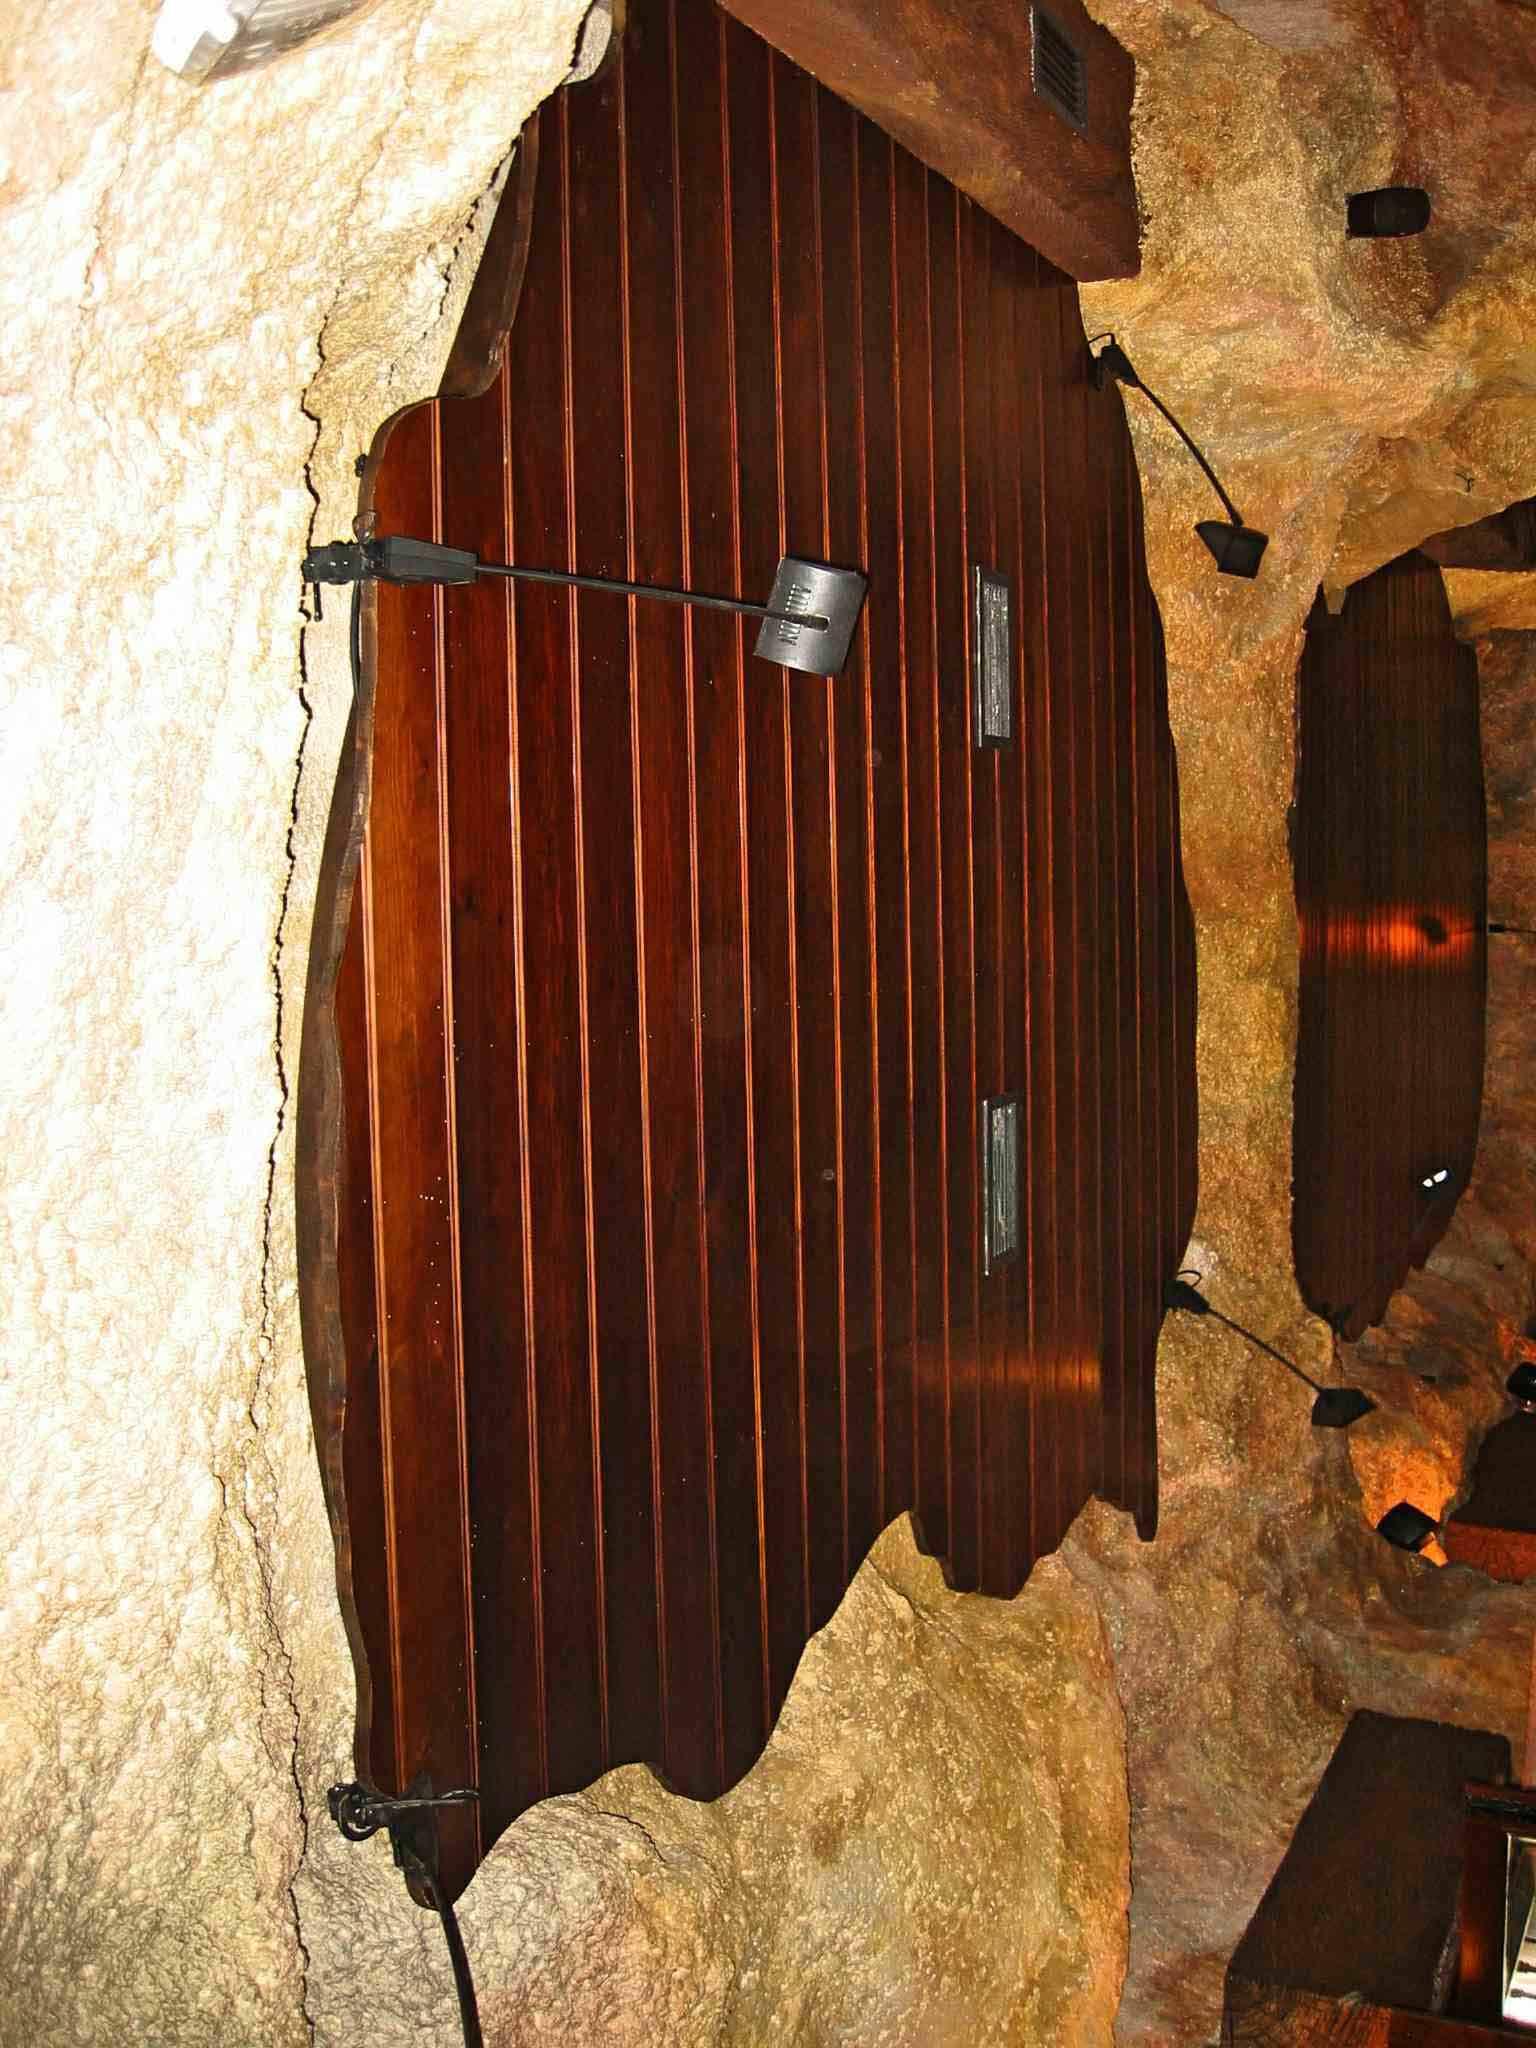 Contraventana interior de madera